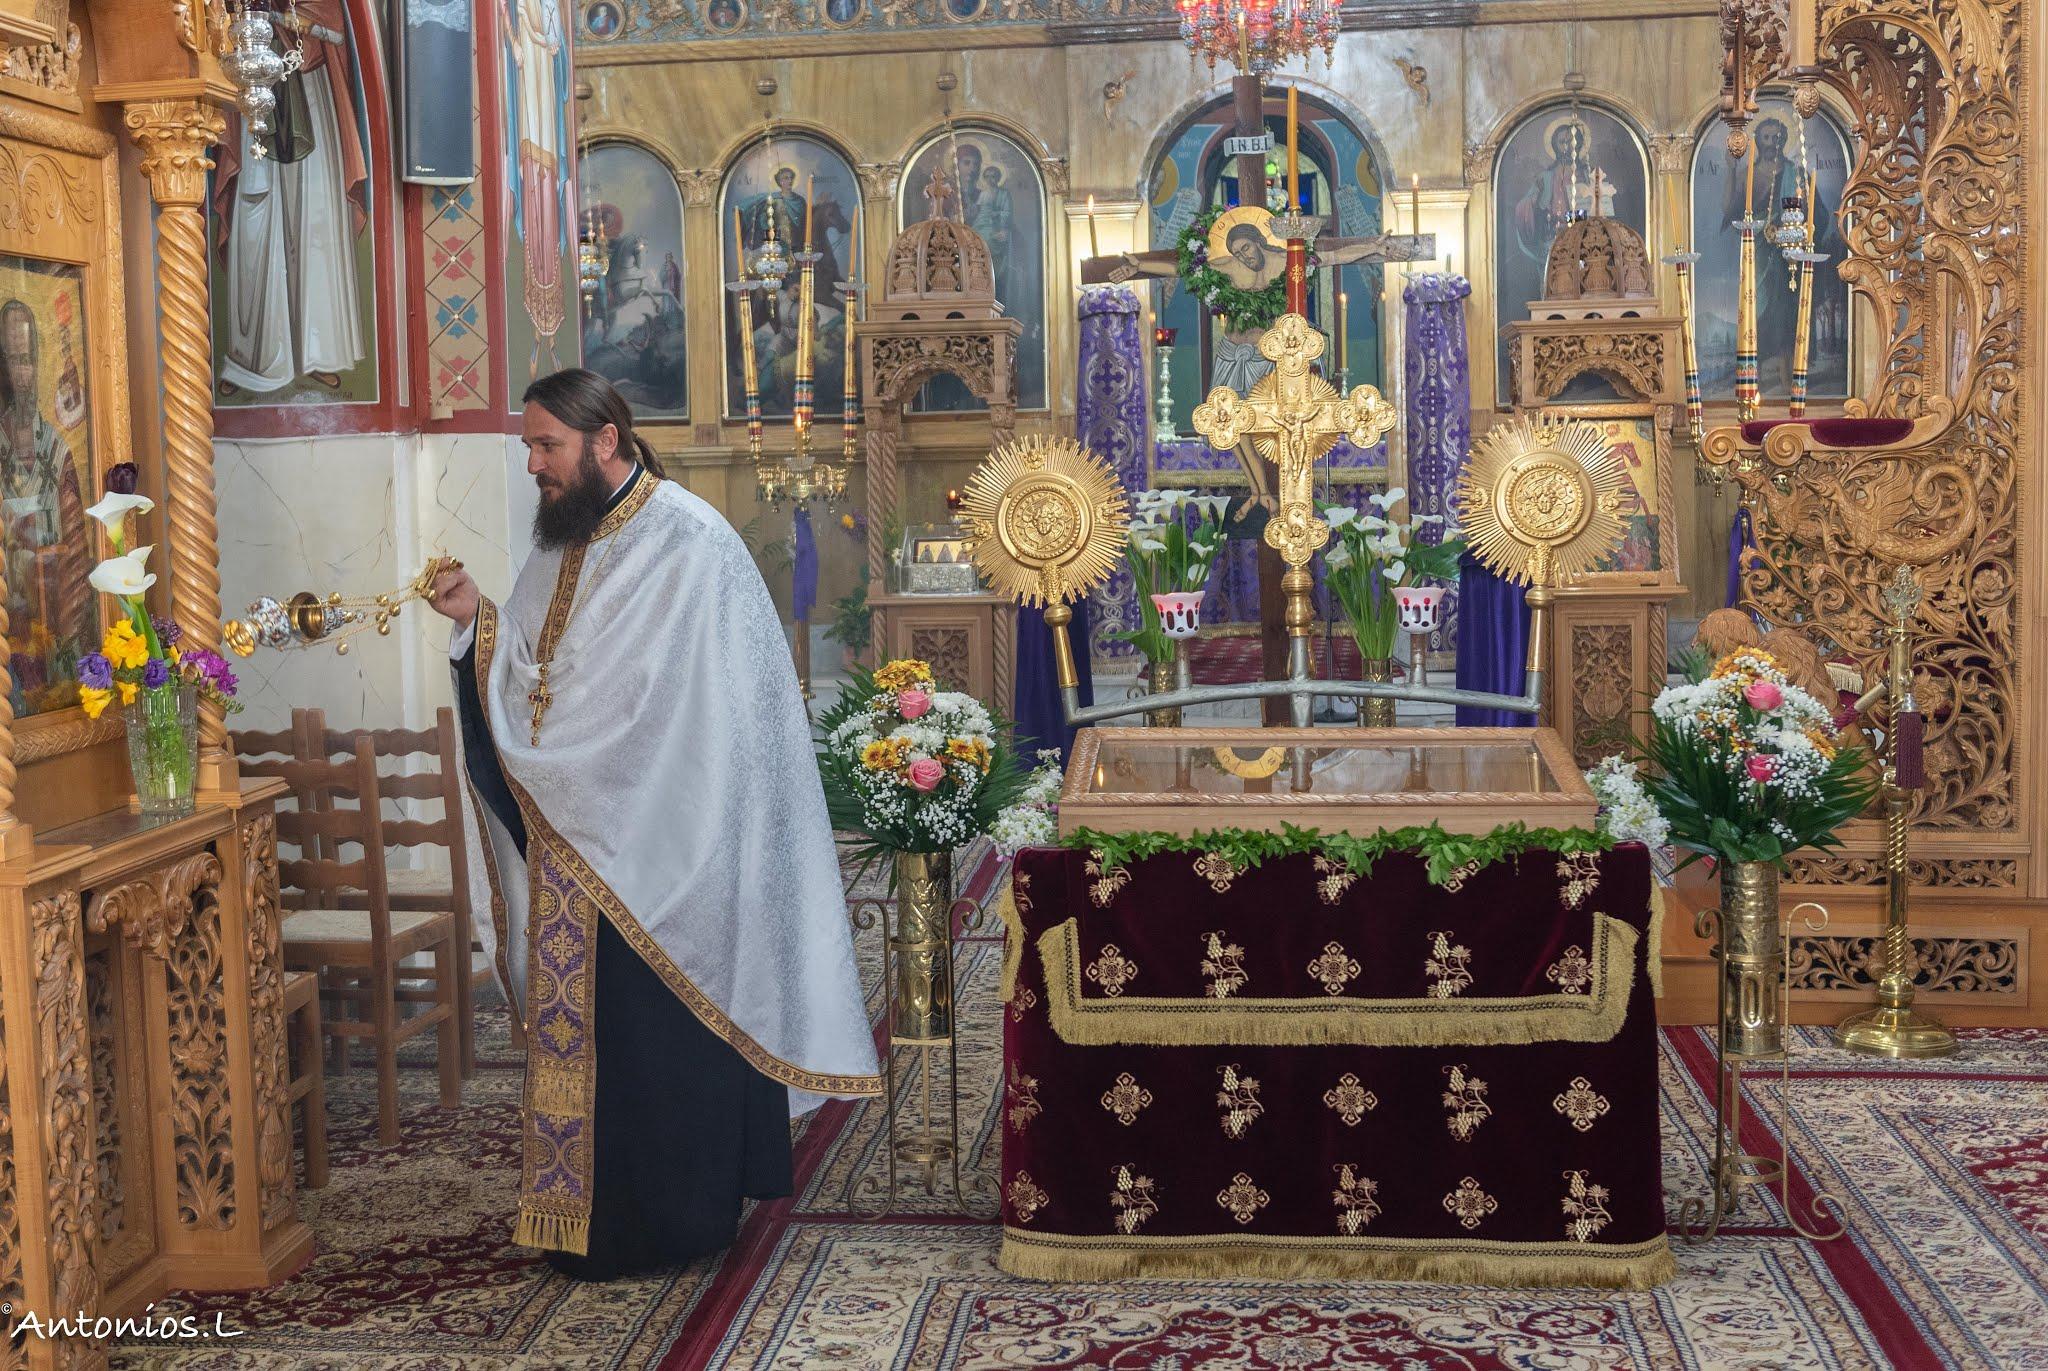 Η φωτογραφία είναι από τον ιερό ναό του Αγίου Δημητρίου στο χωριό Άγιος Ιωάννης Αλιβερίου.